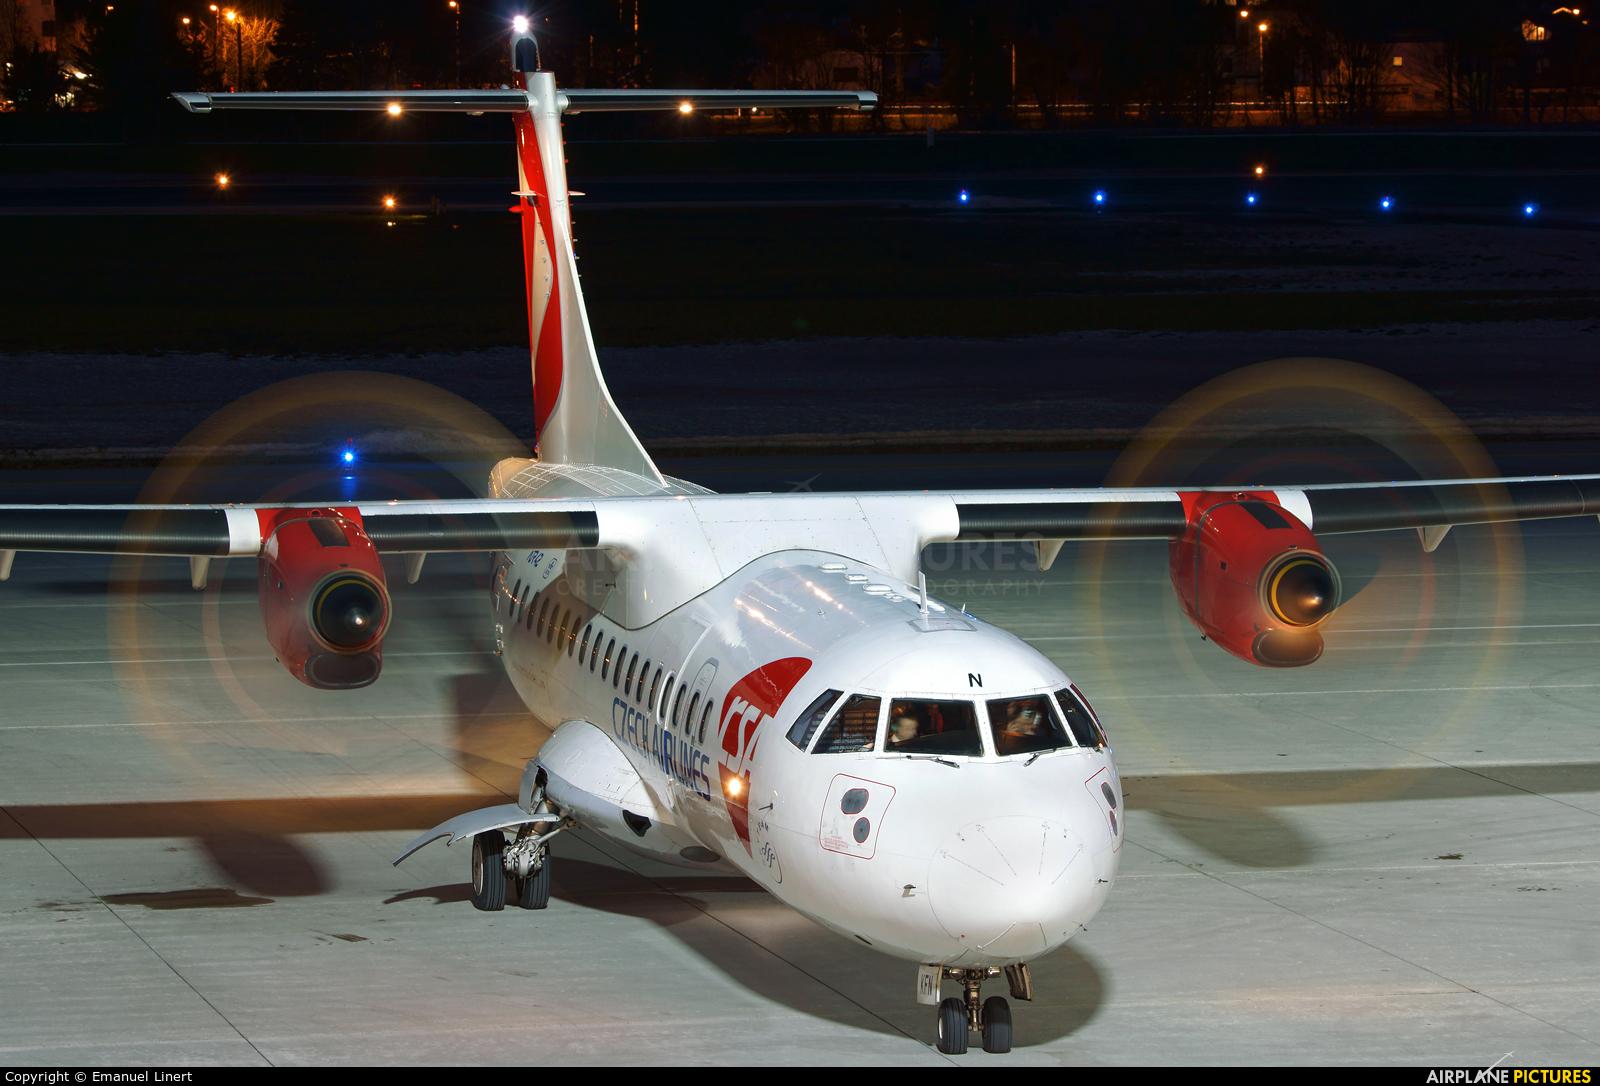 CSA - Czech Airlines OK-KFN aircraft at Innsbruck